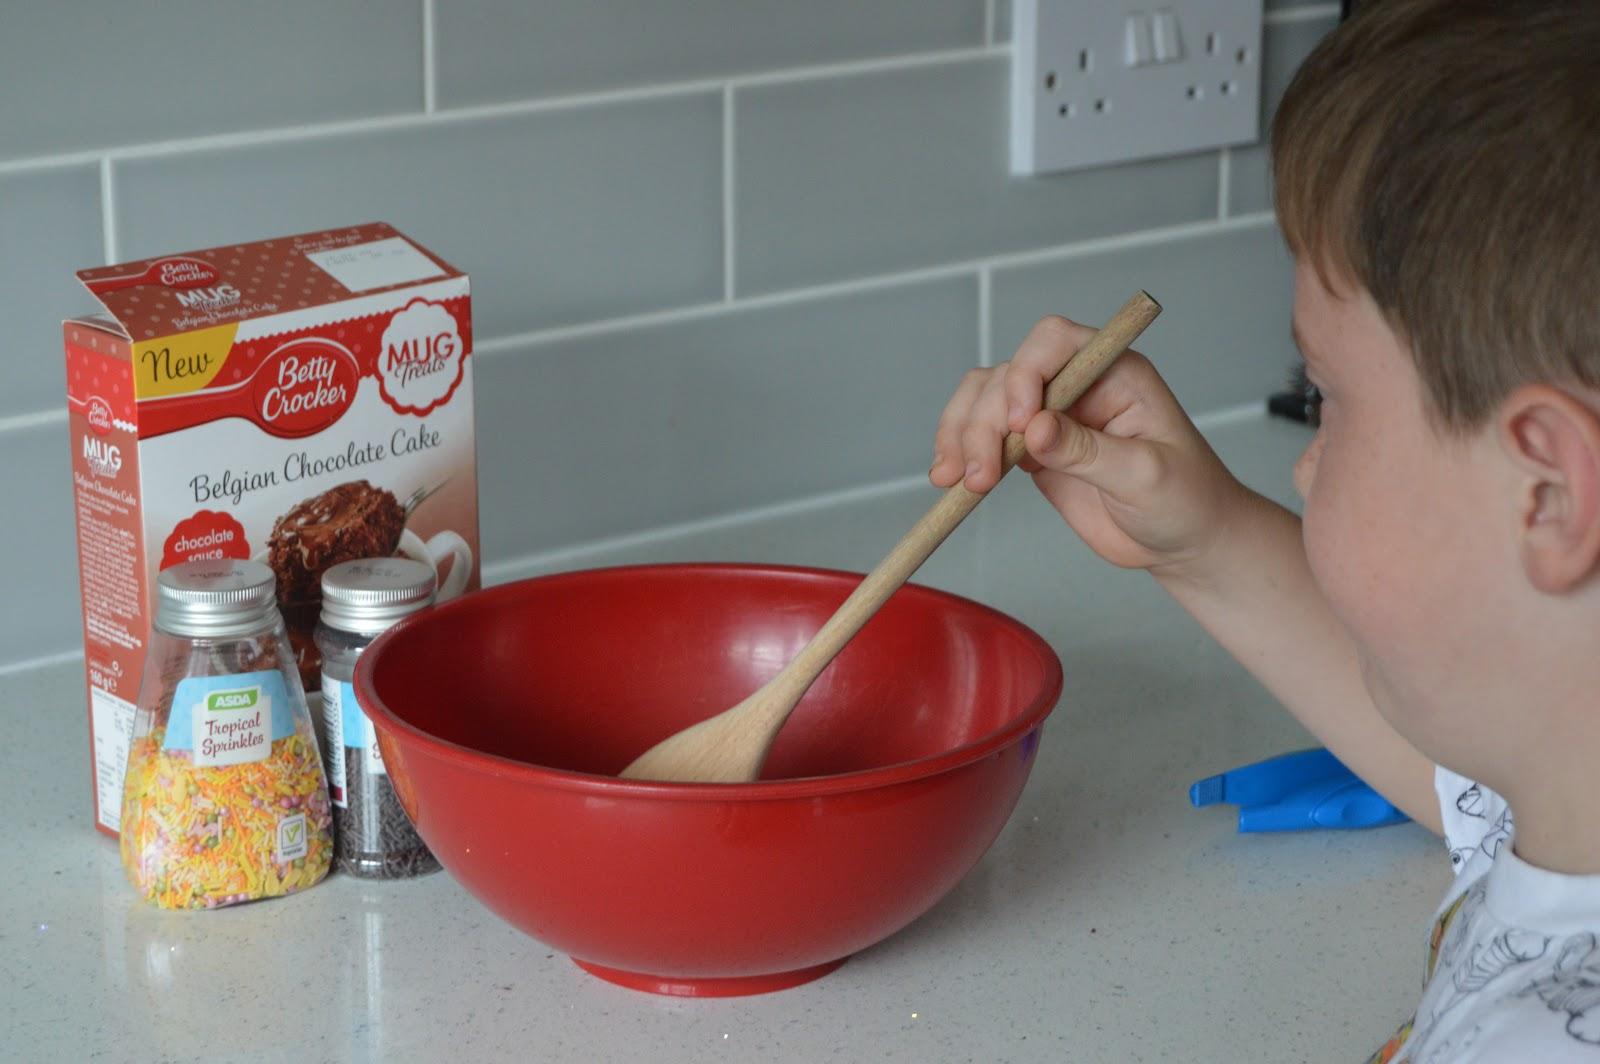 Boy baking a cake